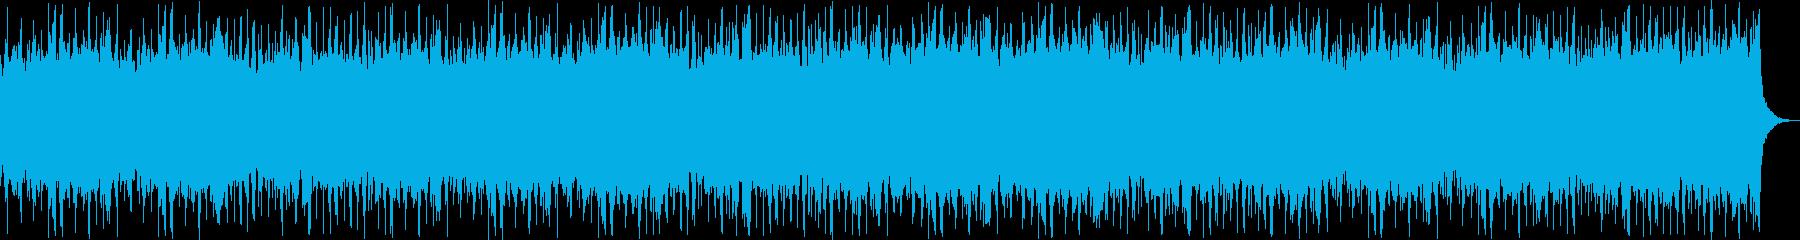 ザダーク ホラーなビート ストリングス曲の再生済みの波形